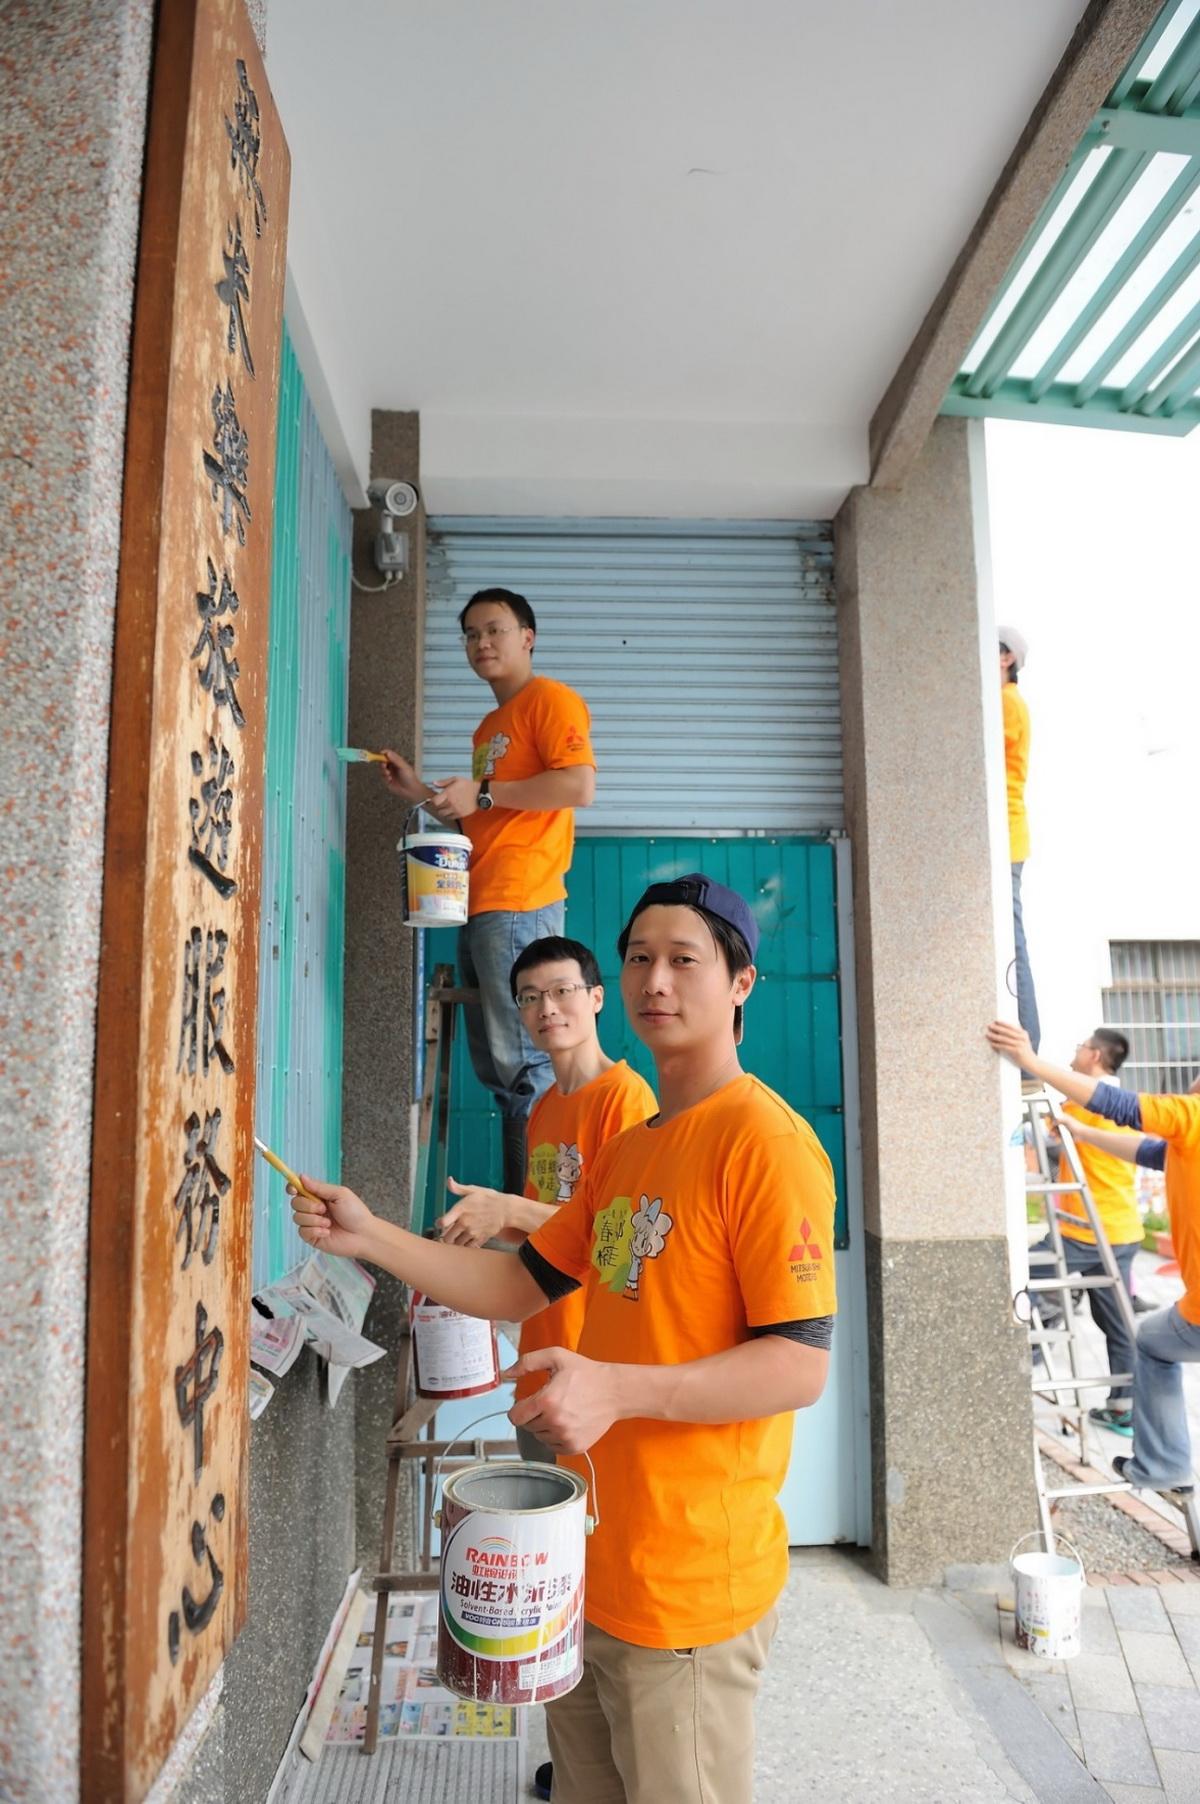 中華汽車志工協助後壁社區清潔工作 讓爺爺奶奶有一個全新家園 .jpg